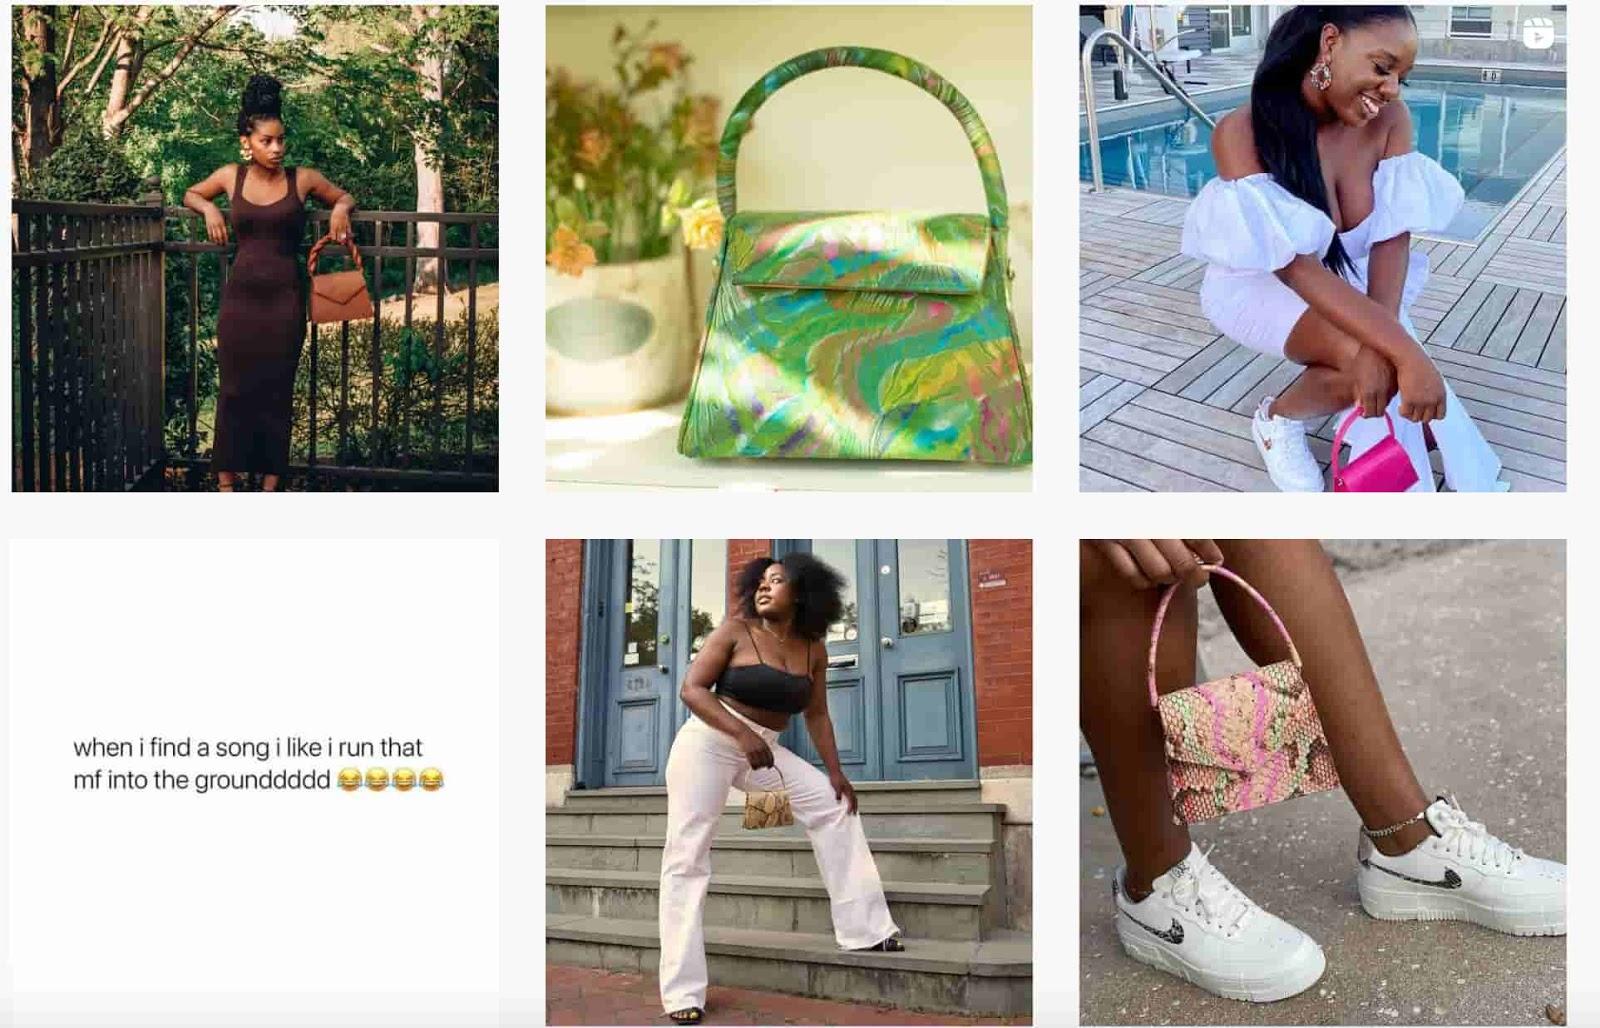 Anima Iris instagram page